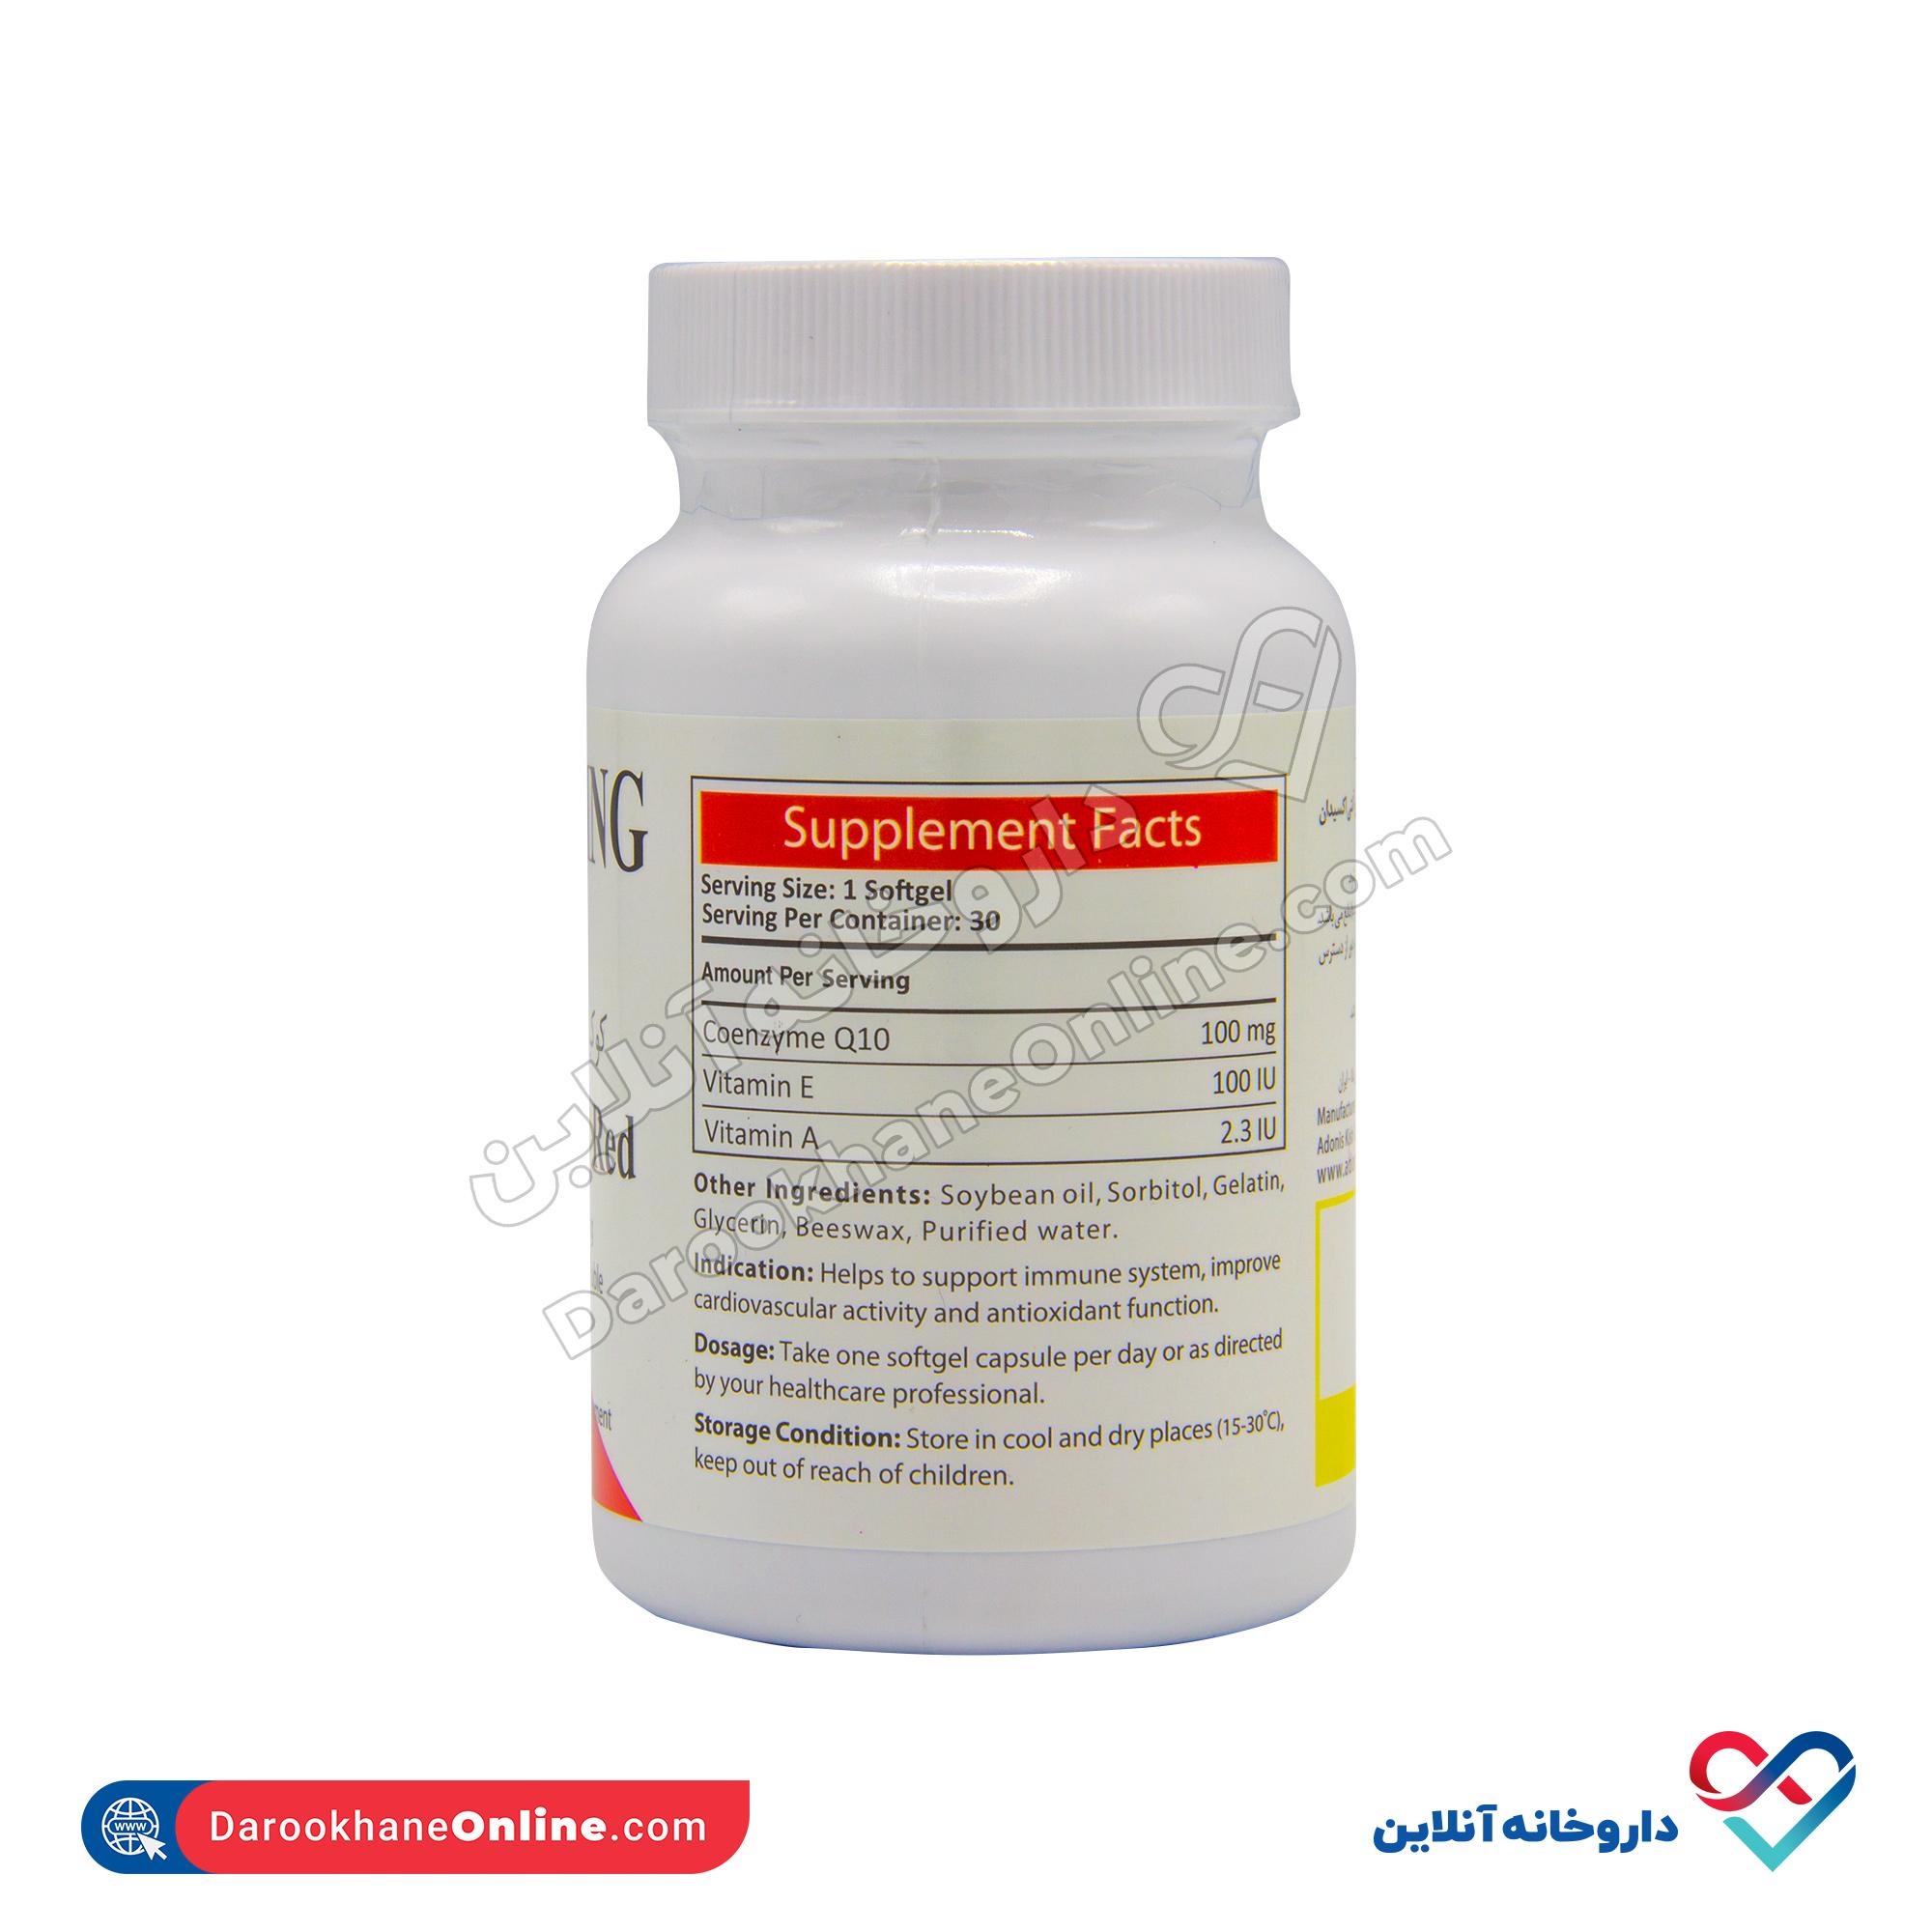 کپسول CoQ10 رد آنتی ایجینگ | 30 عدد | ضد خستگی و سلامت قلب و تقویت سیستم ایمنی